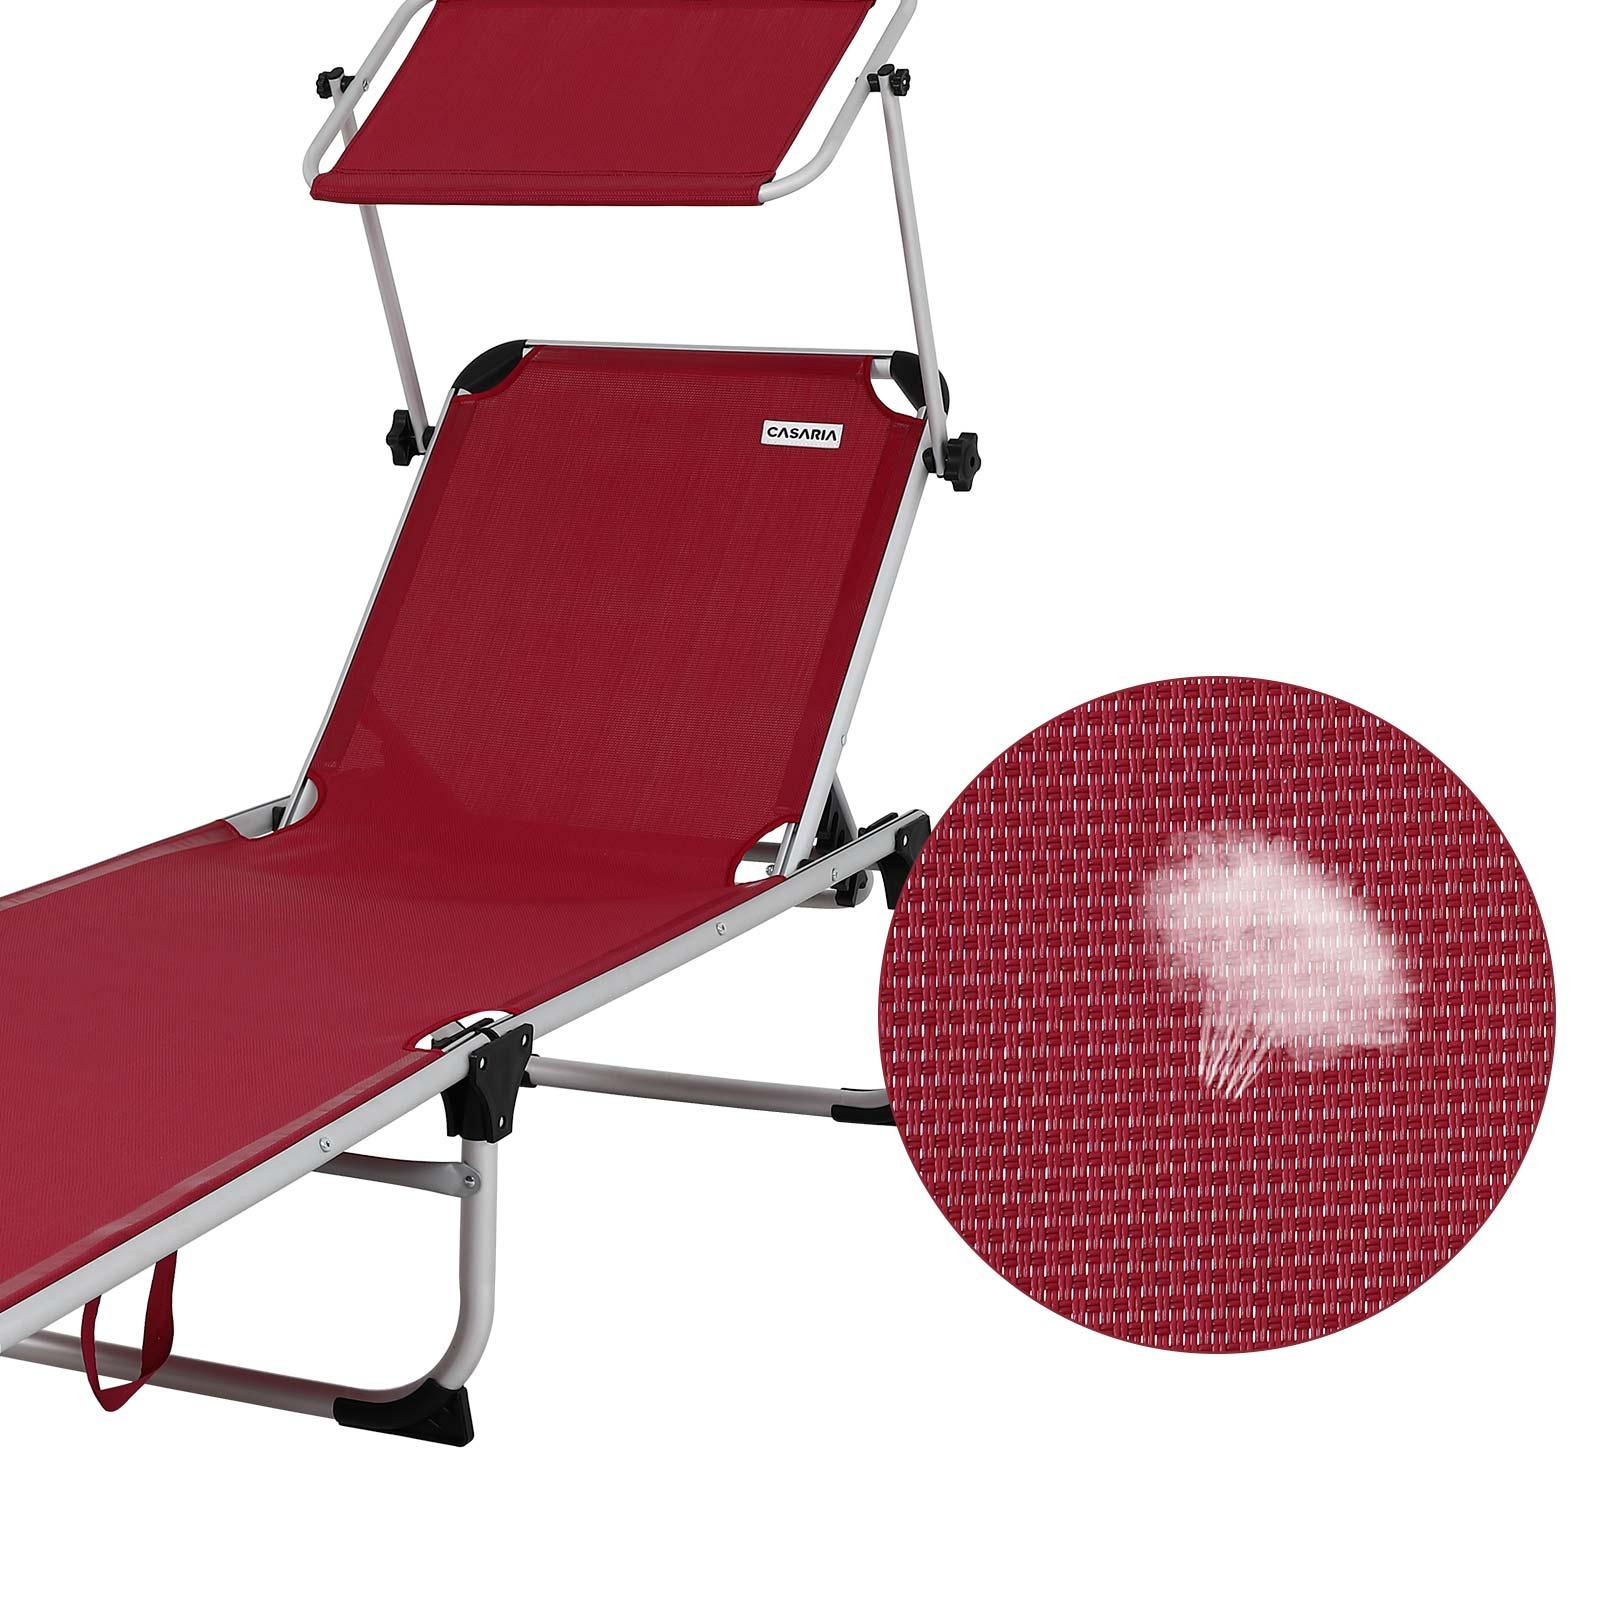 Bo-Camp éponge à dossier haut Déjà-référence jardin Chaise longue pliante-Chaise Édition Camping